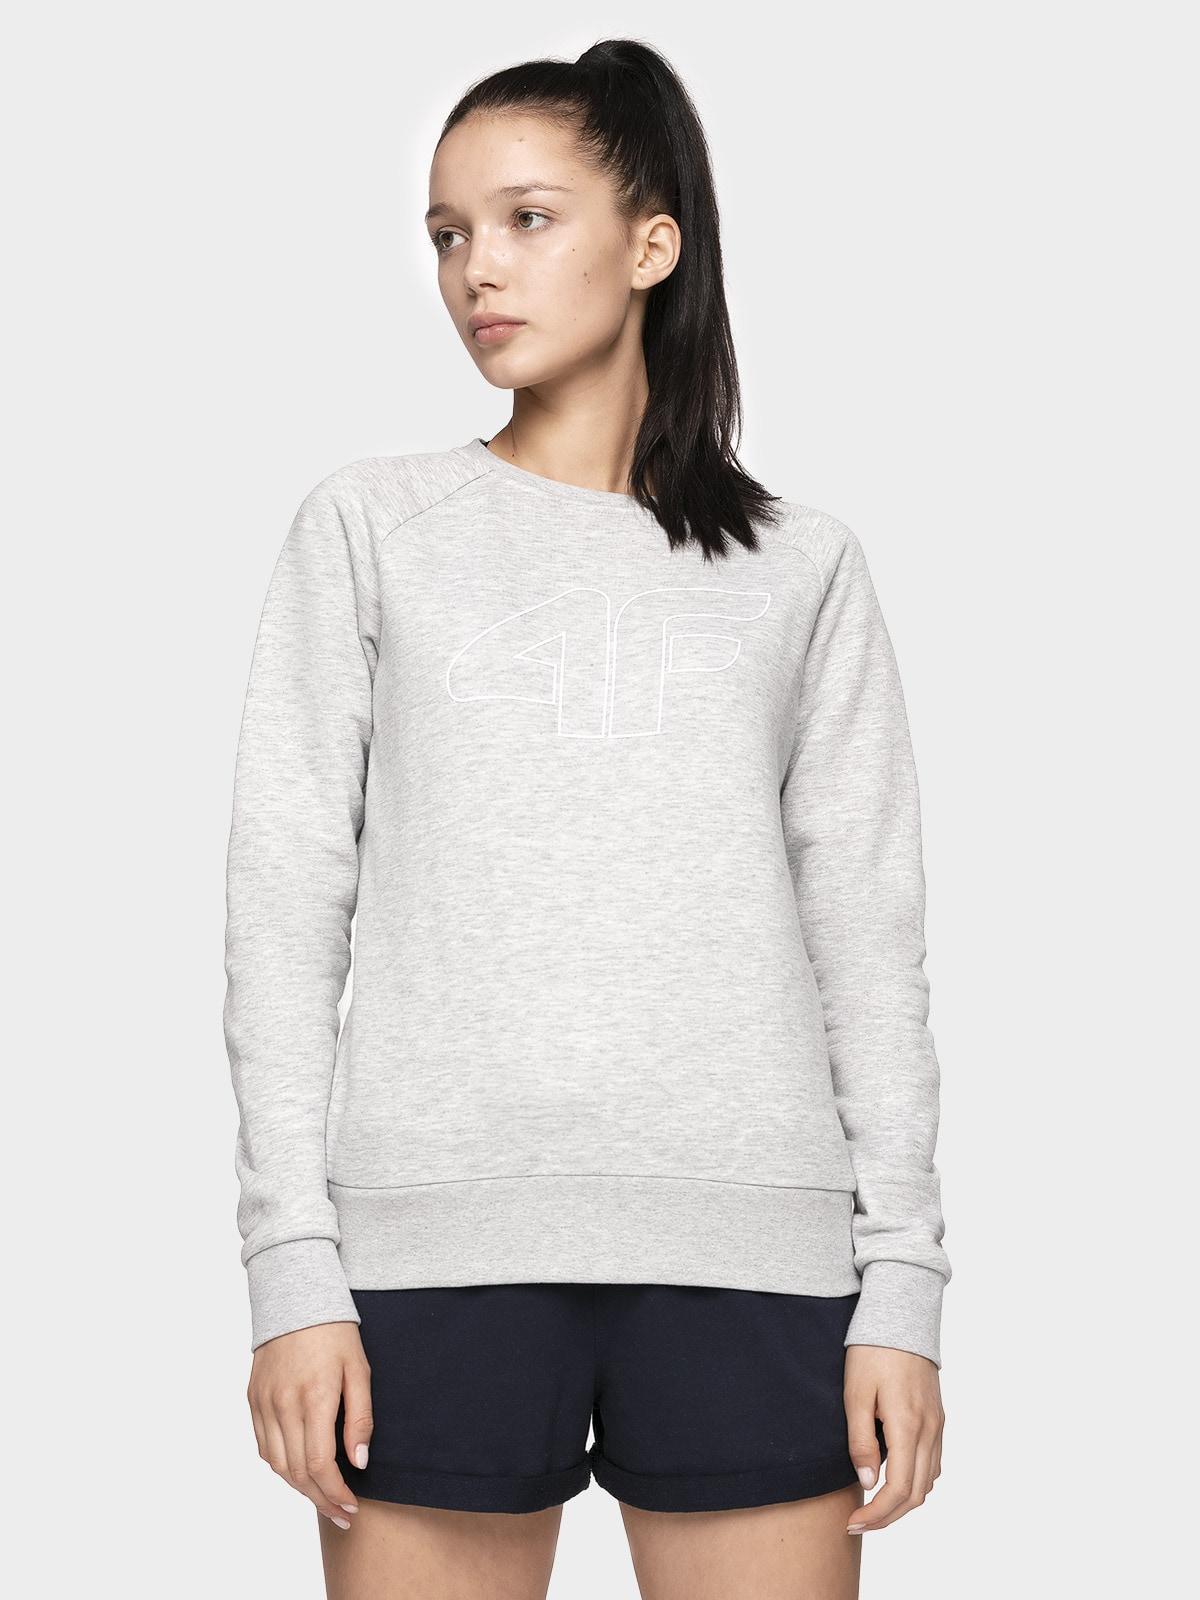 Bluza damska BLD301 - szary melanż